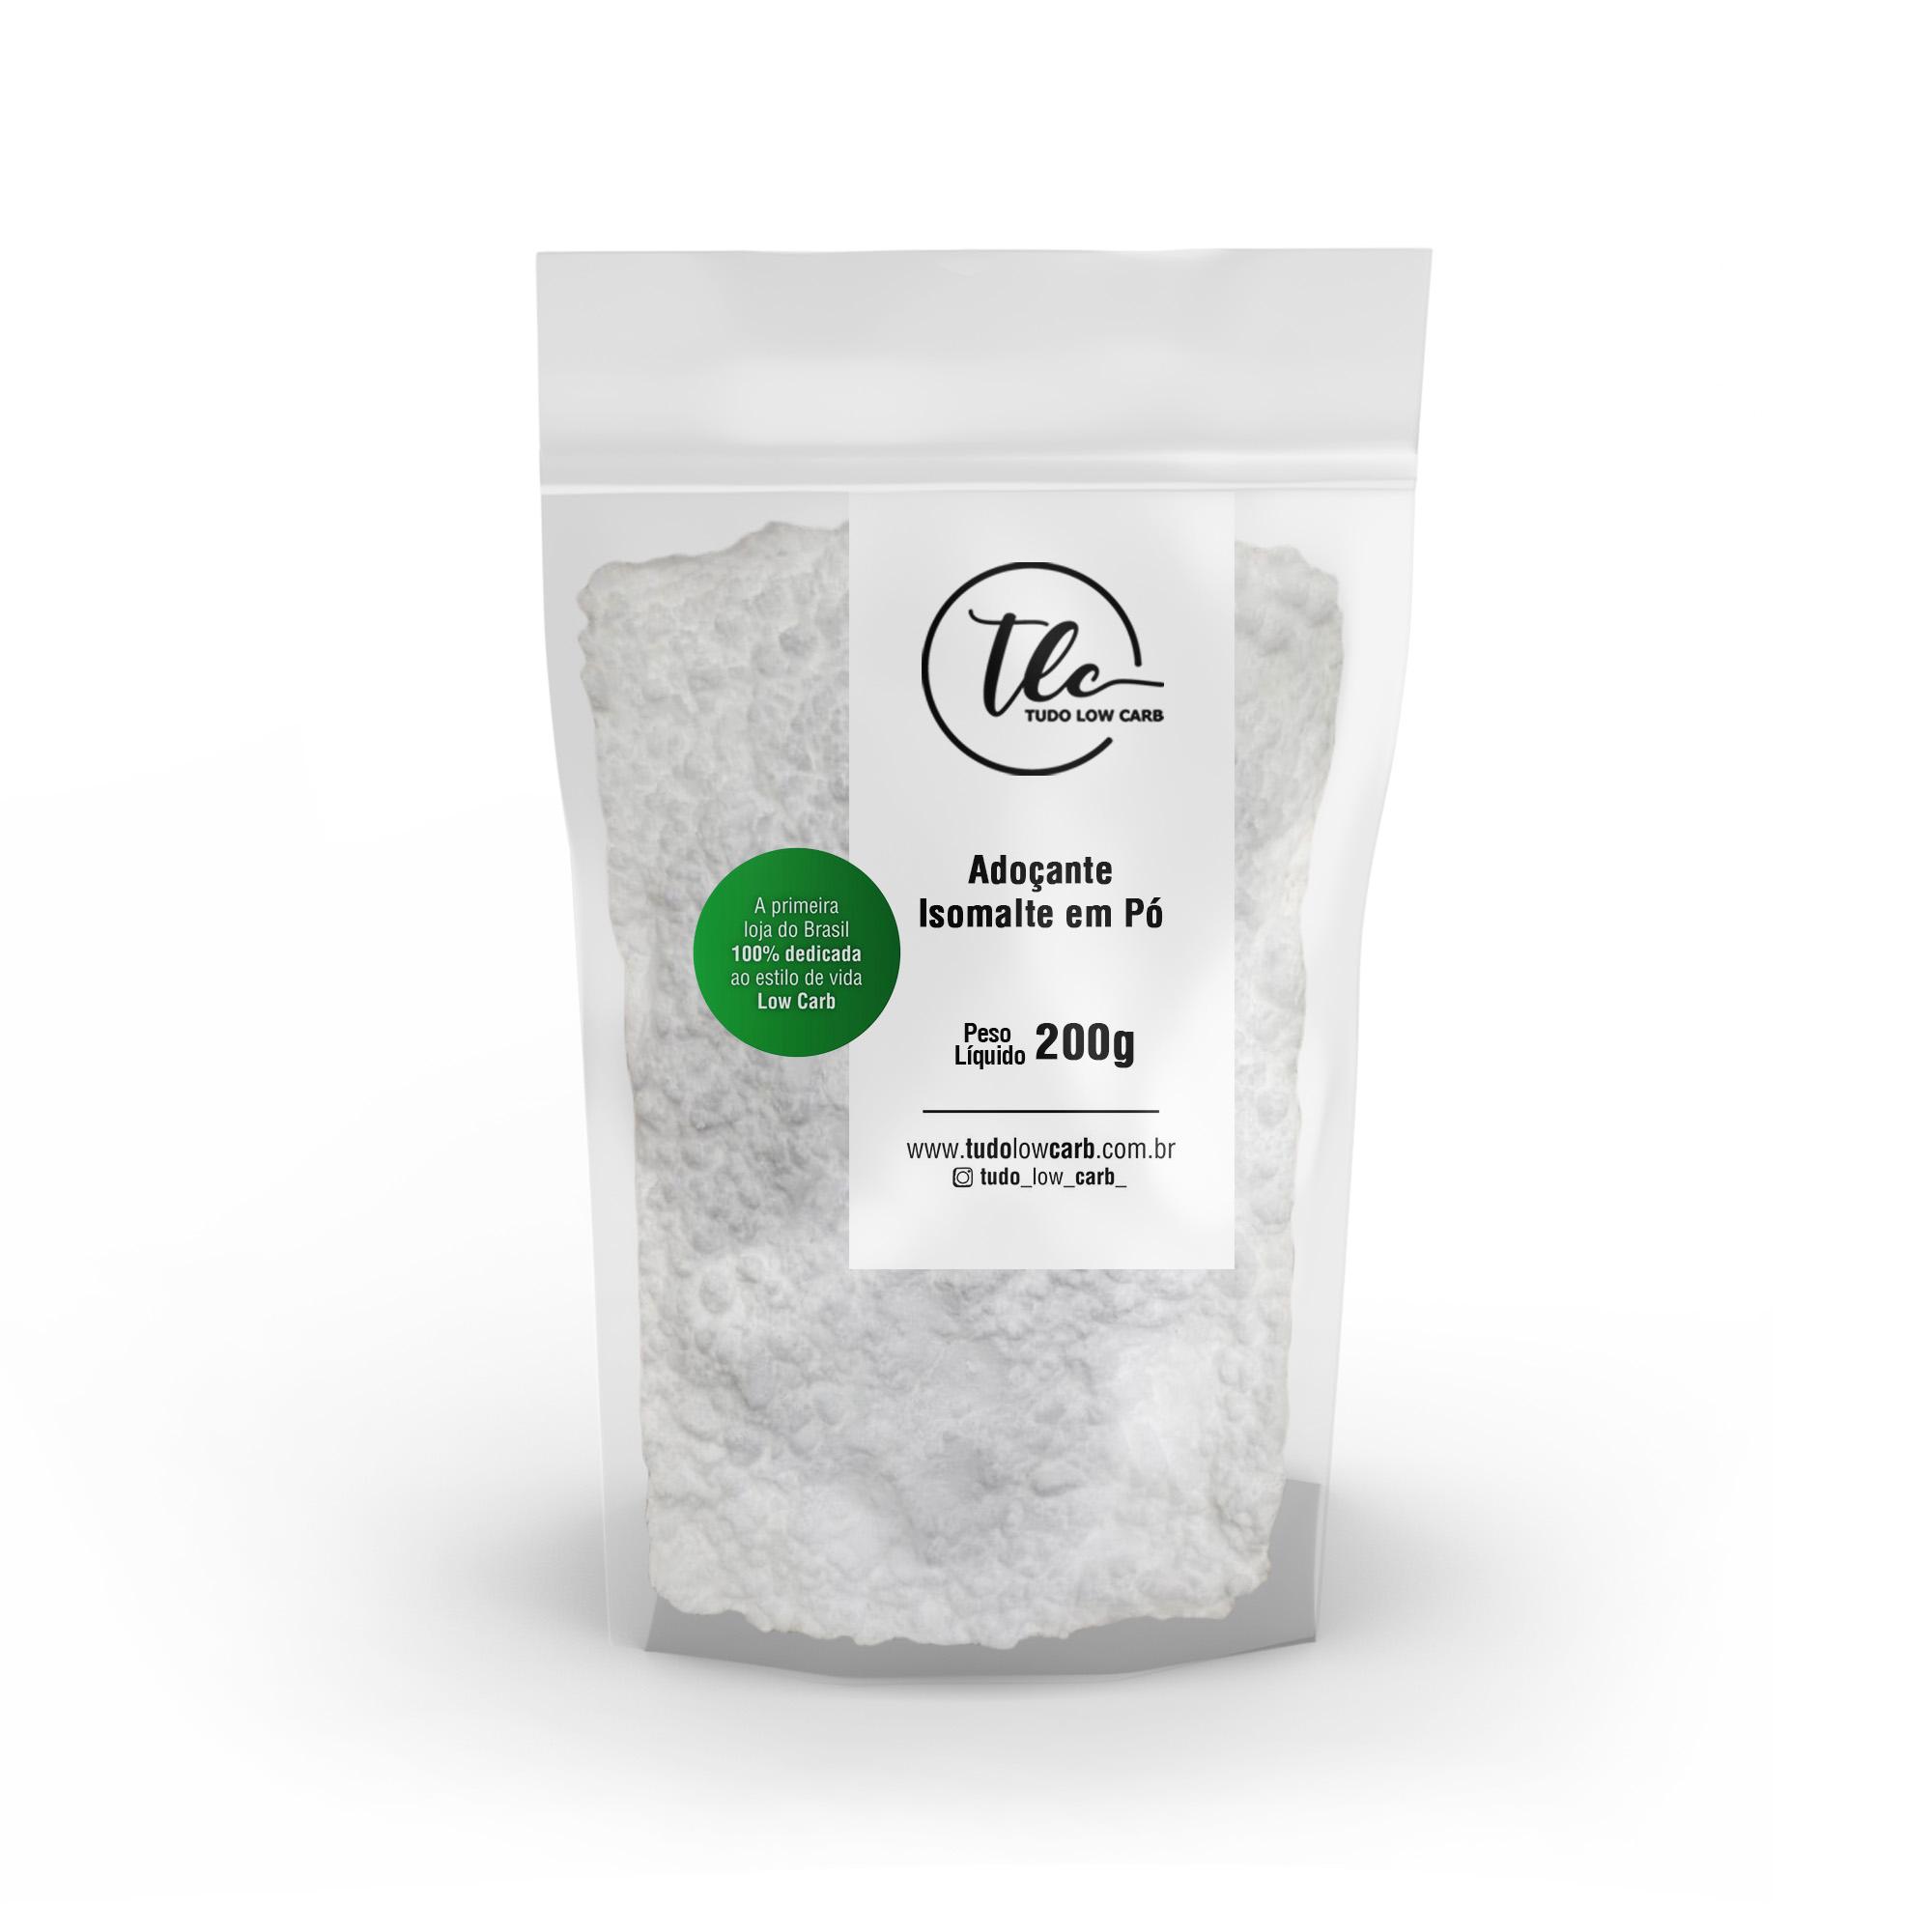 Adoçante Isomalte em Pó 200g  - TLC Tudo Low Carb